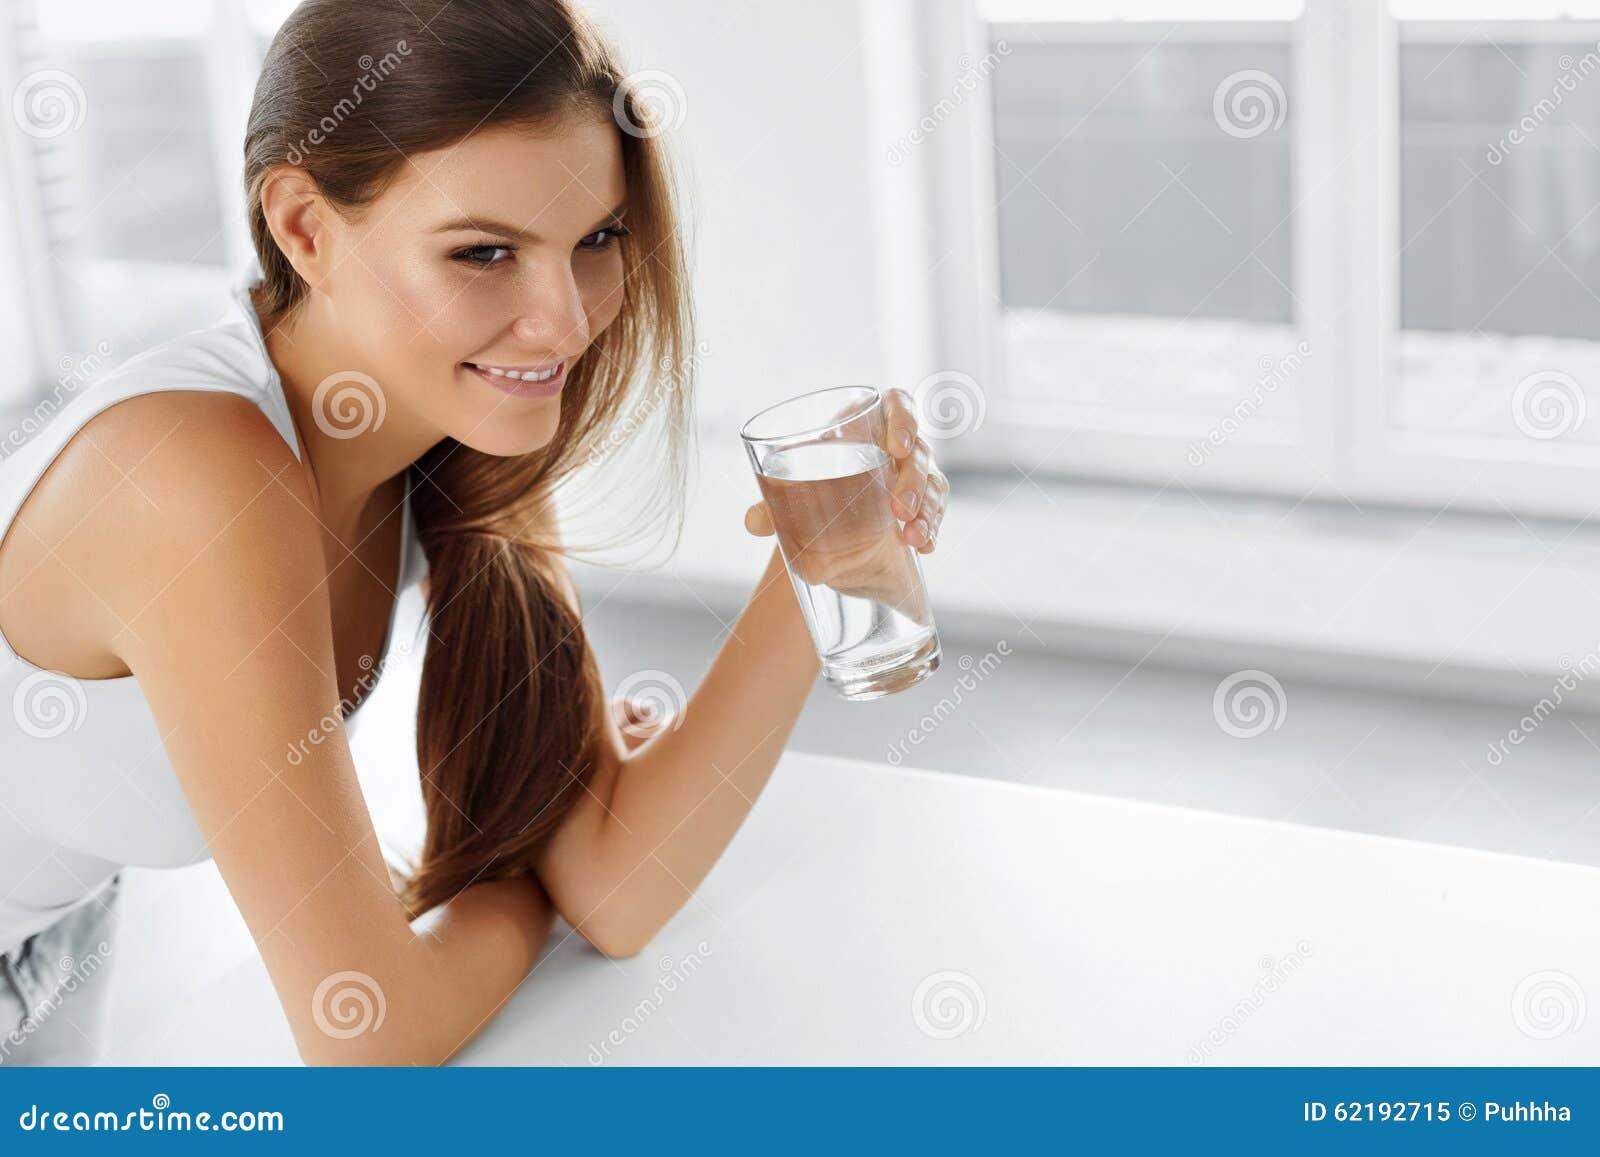 Zdrowy Styl życia Szczęśliwa kobieta z szkłem woda napoje uzdrowiciel